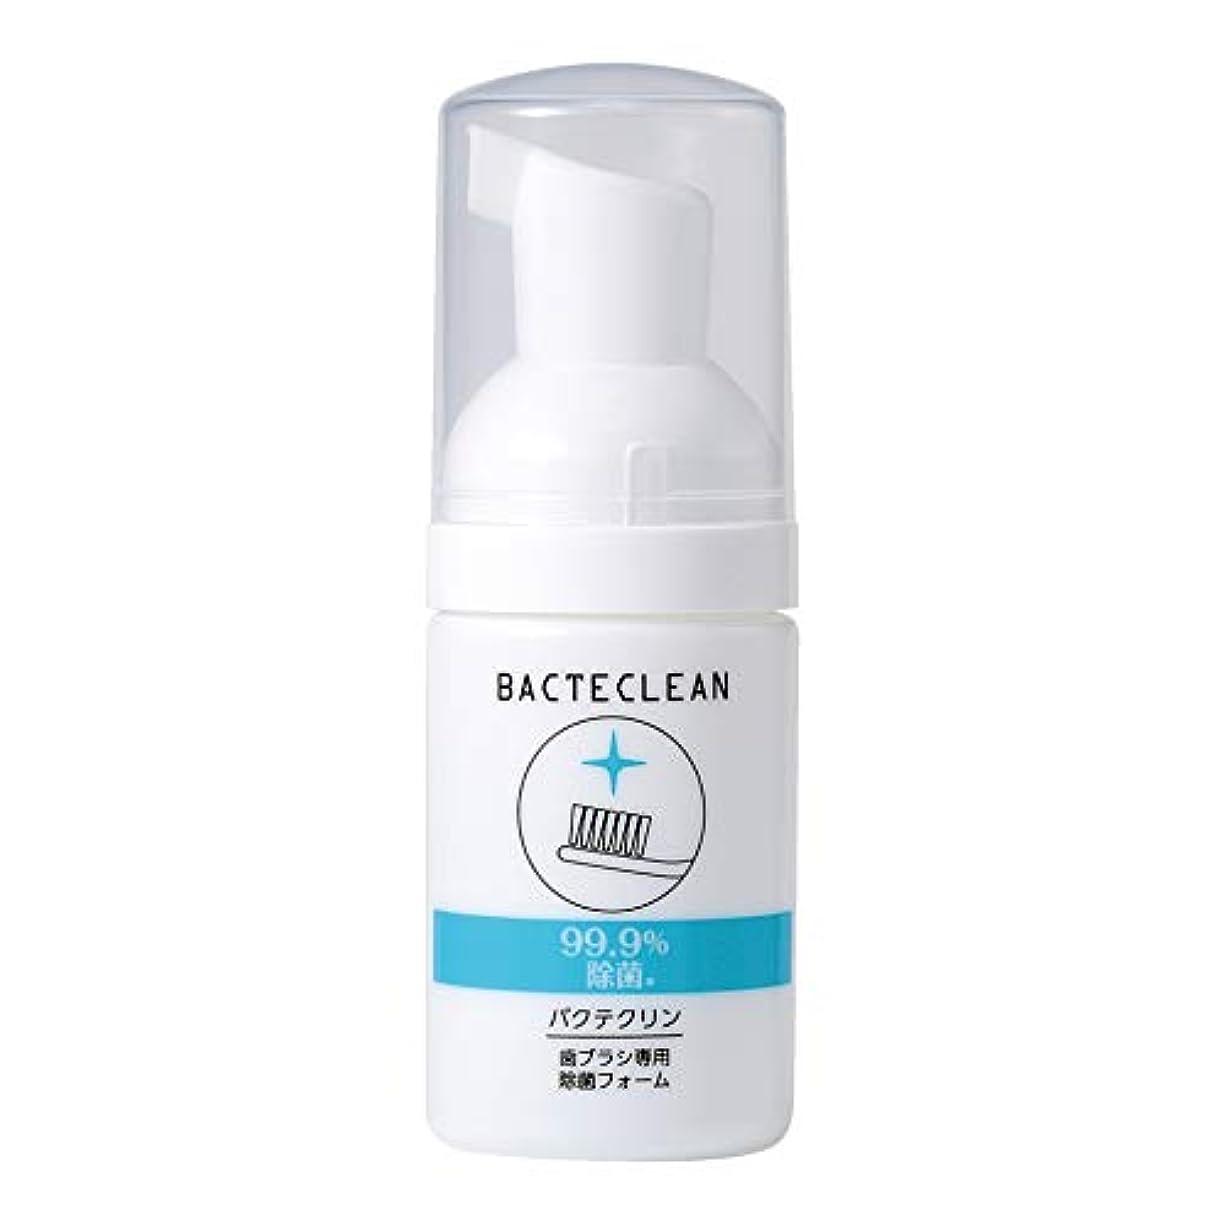 優勢アクセルファントムバクテクリン 歯ブラシ専用除菌フォーム 30ml